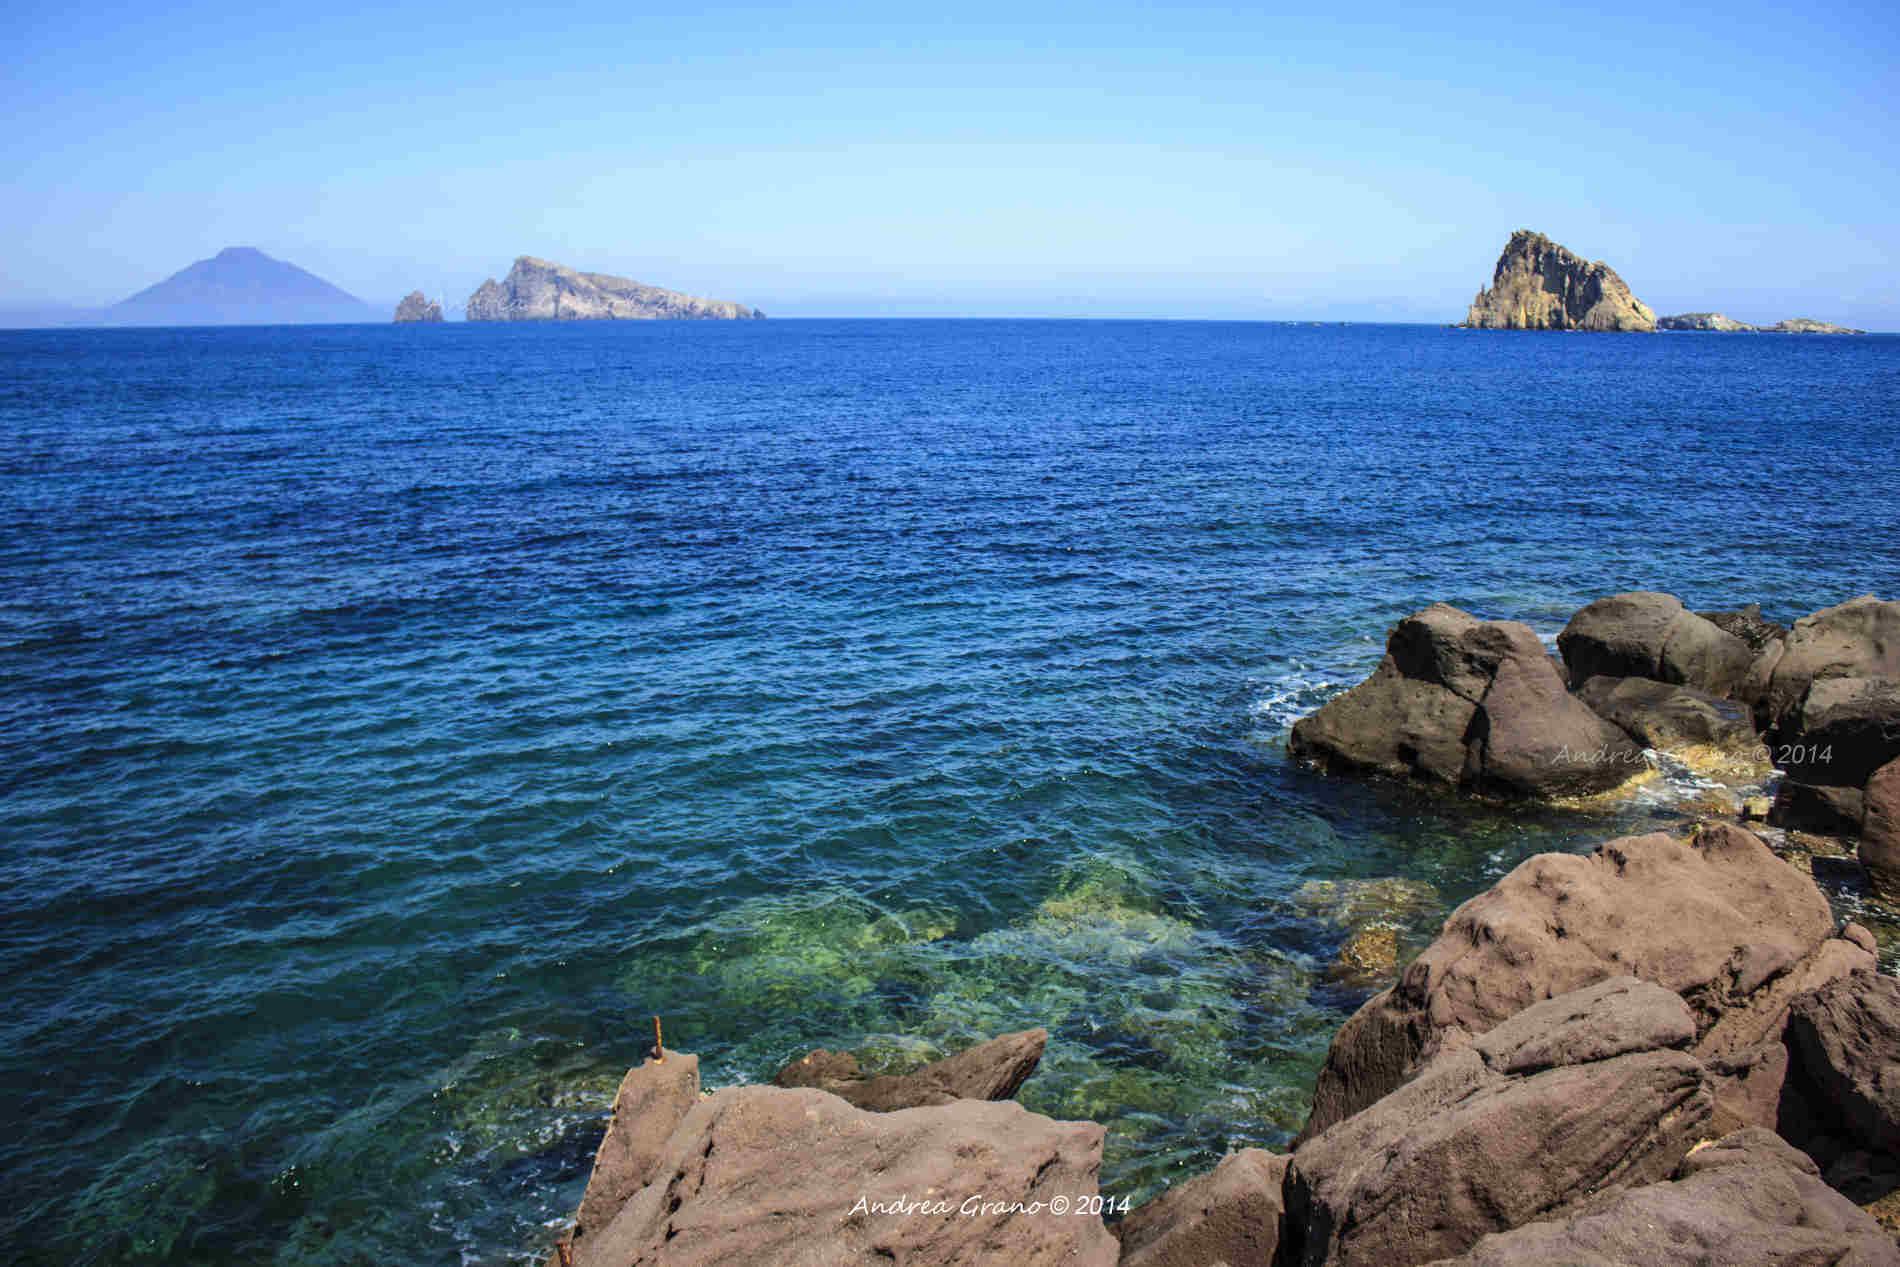 mare di Panarea isole Eolie cose vedere